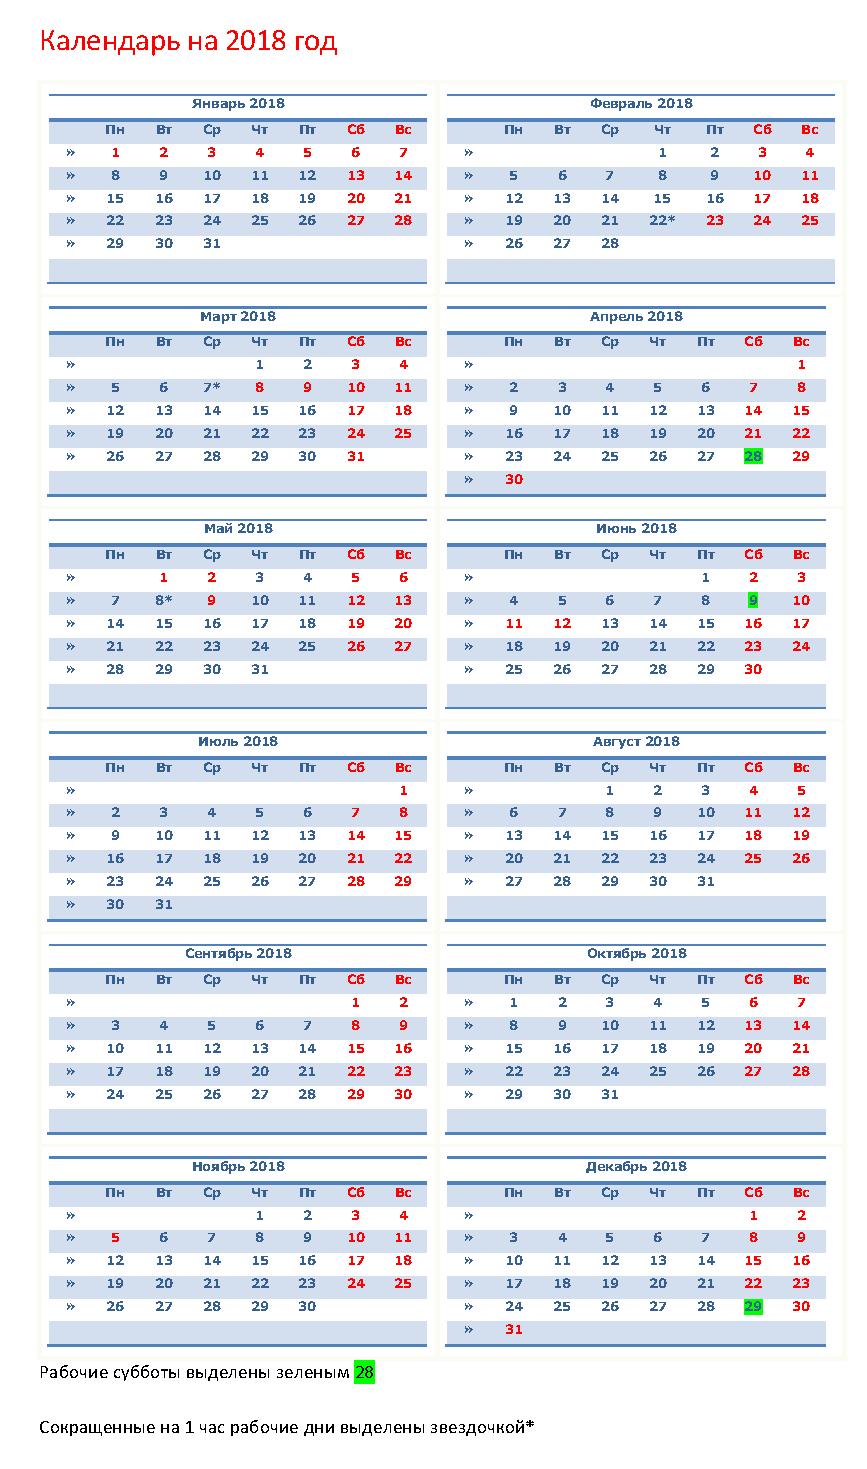 Как принять на работу сотрудника в 2018 году